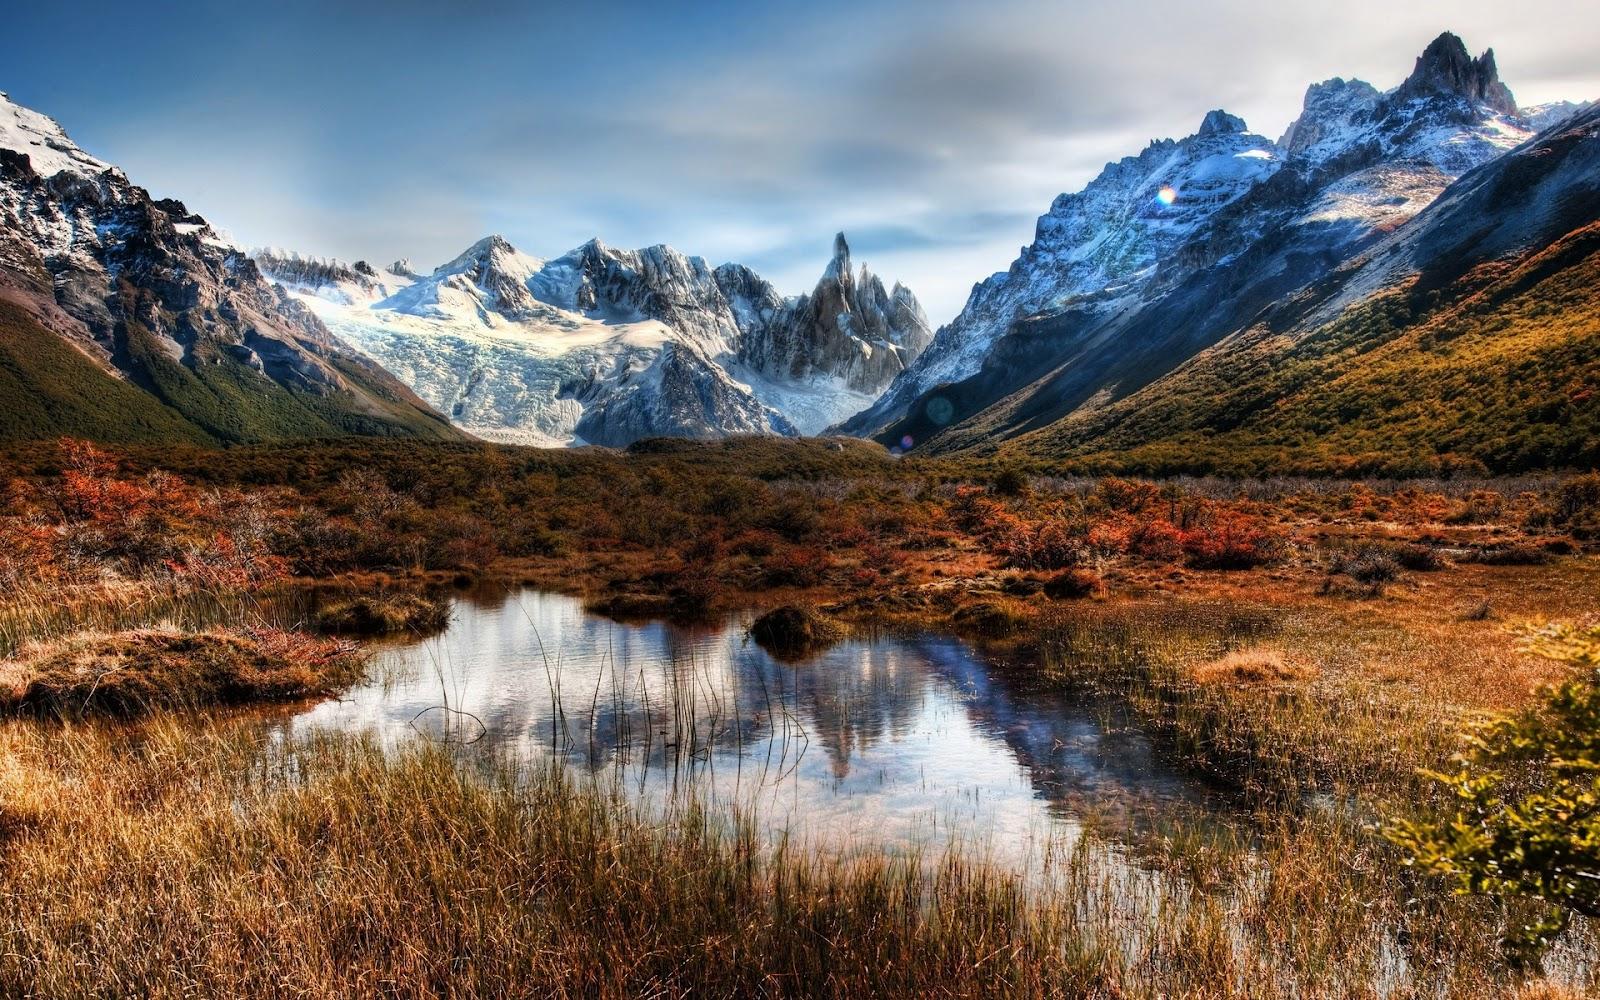 Mira estas fotos de paisajes naturales, ¿ves a los animales? - imagenes de paisajes naturales con animales